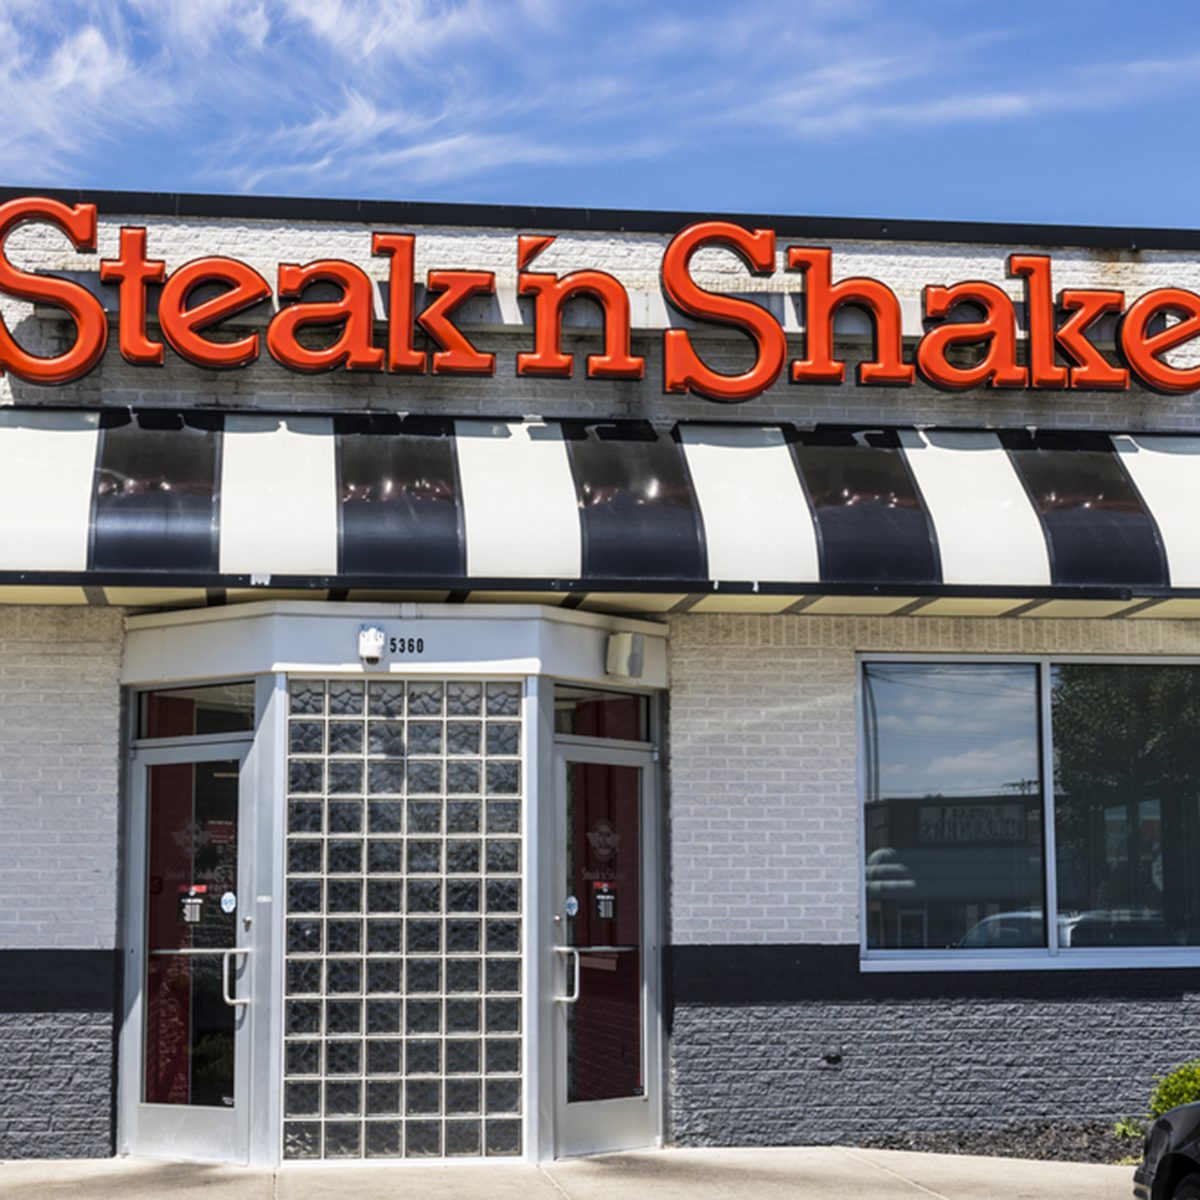 Steak 'n Shake Retail Fast Casual Restaurant Chain.